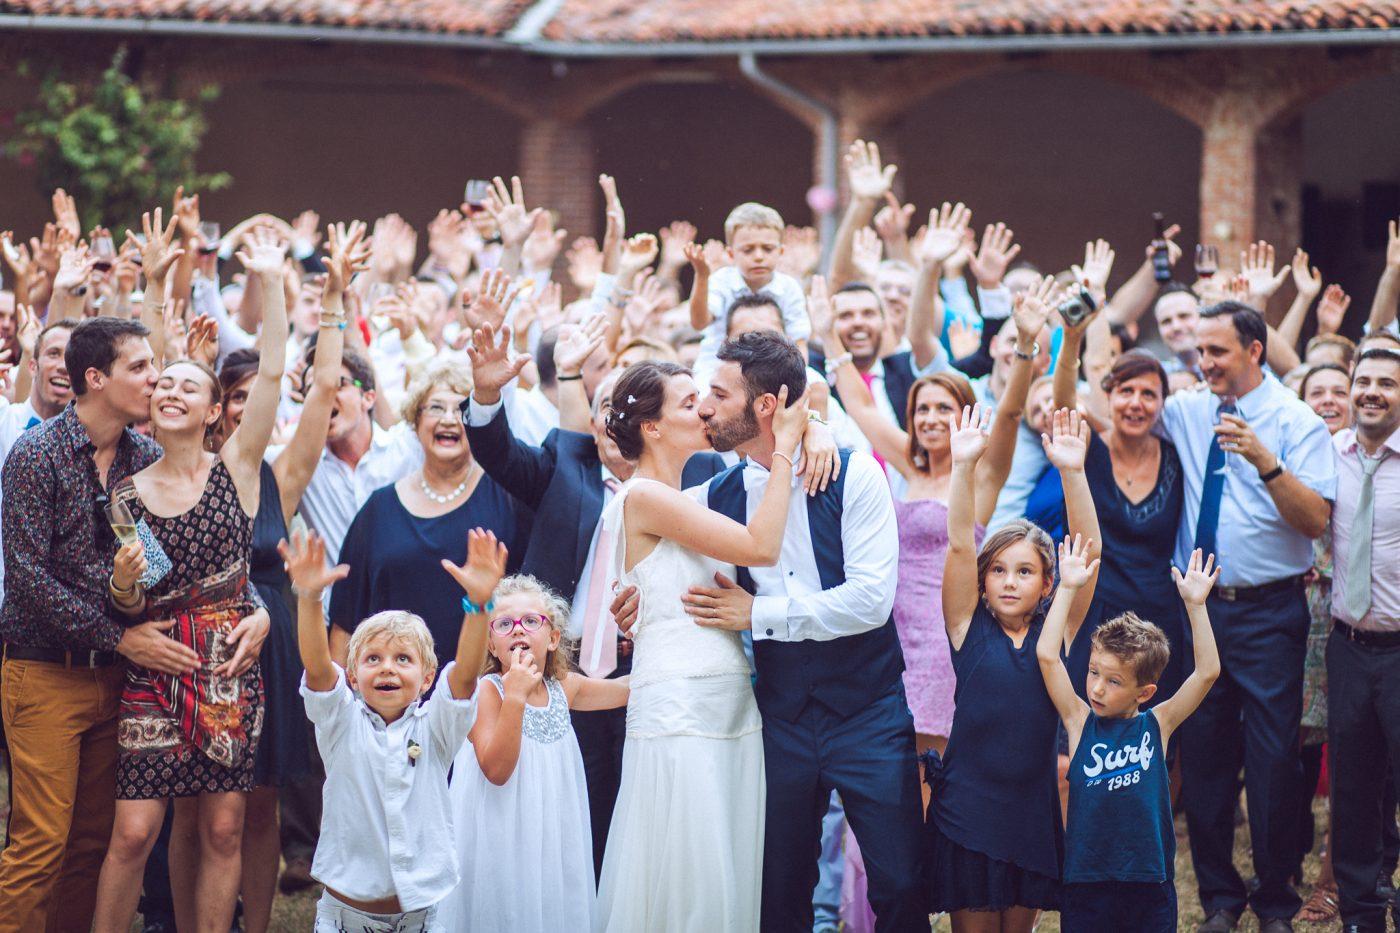 Servizio fotografico di matrimonio. Foto di gruppo con bacio degli sposi